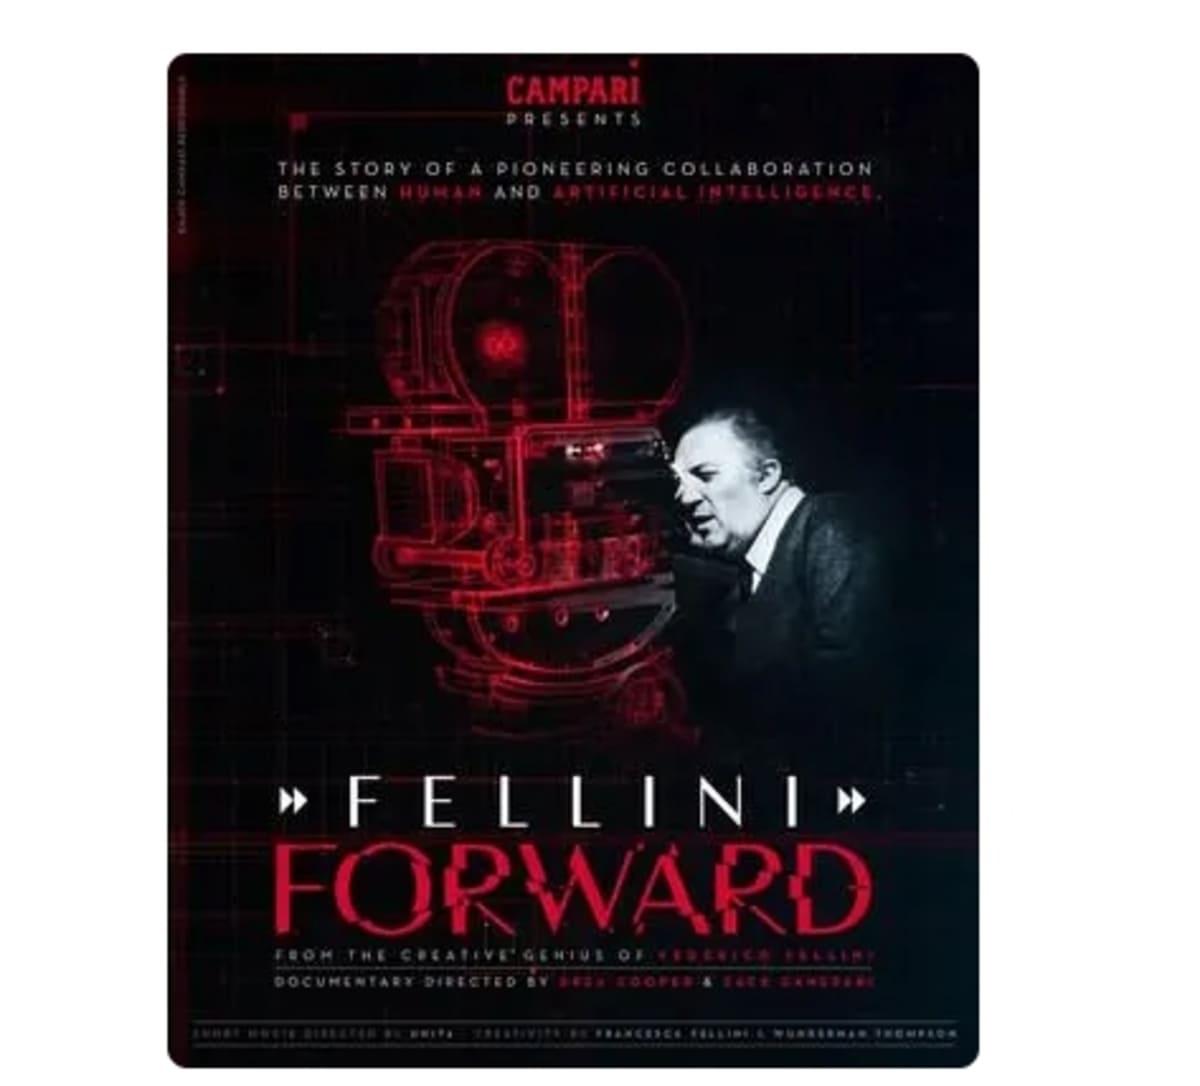 Fellini Forward